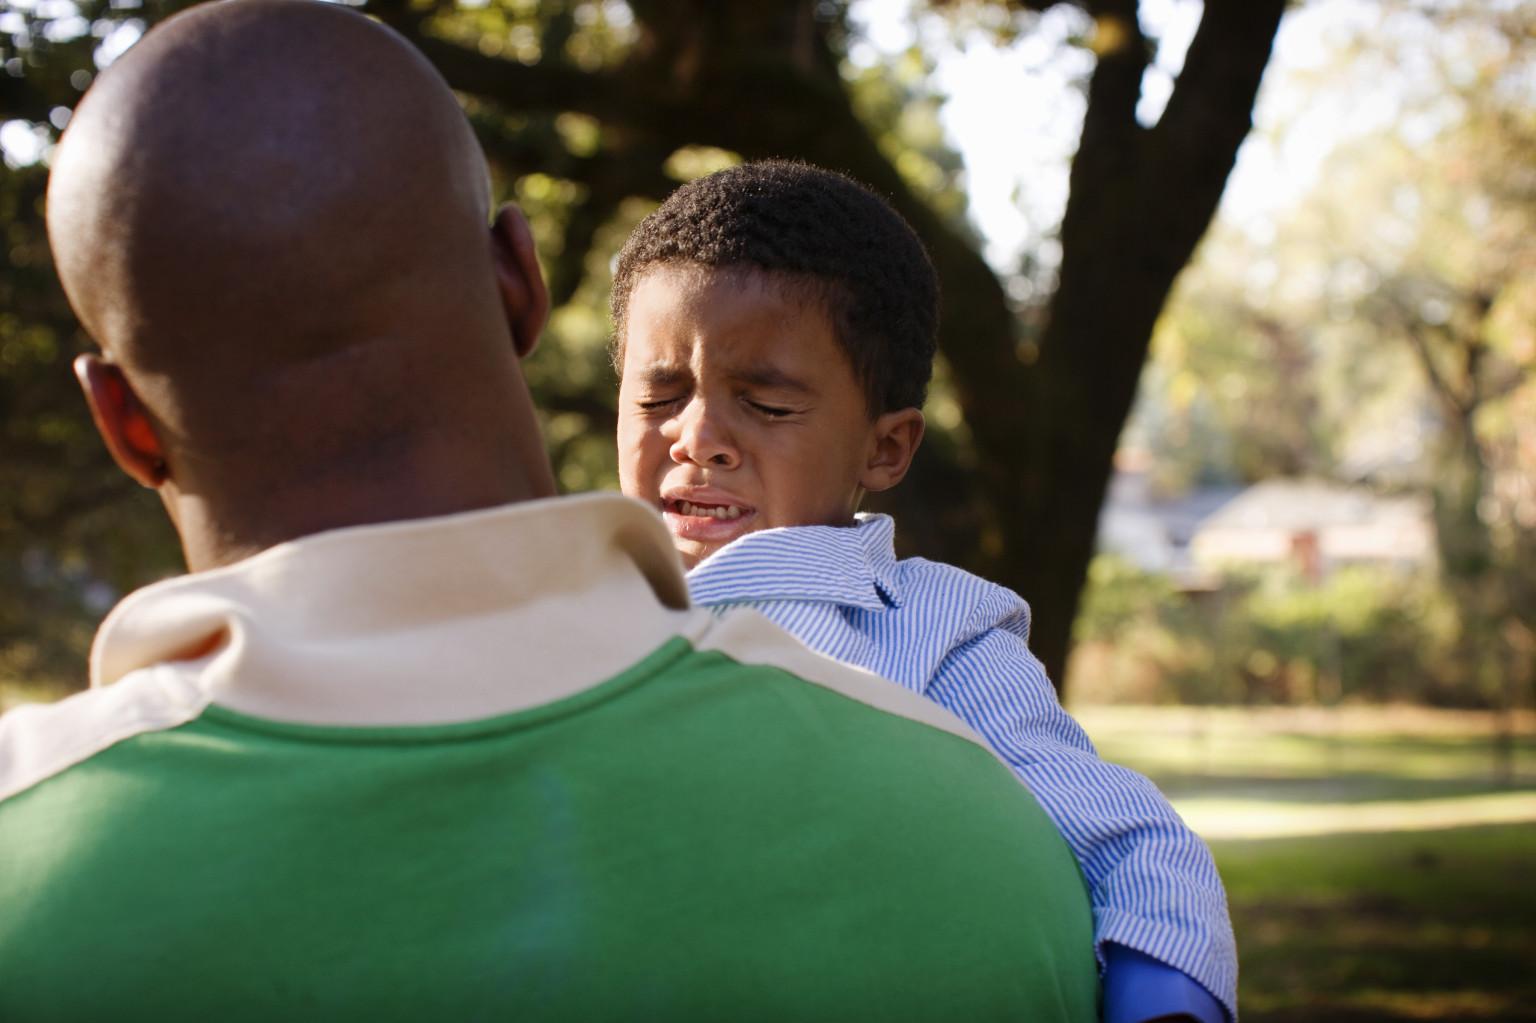 Kết quả hình ảnh cho DON'T SUPPRESS THE CHILD'S EMOTIONS